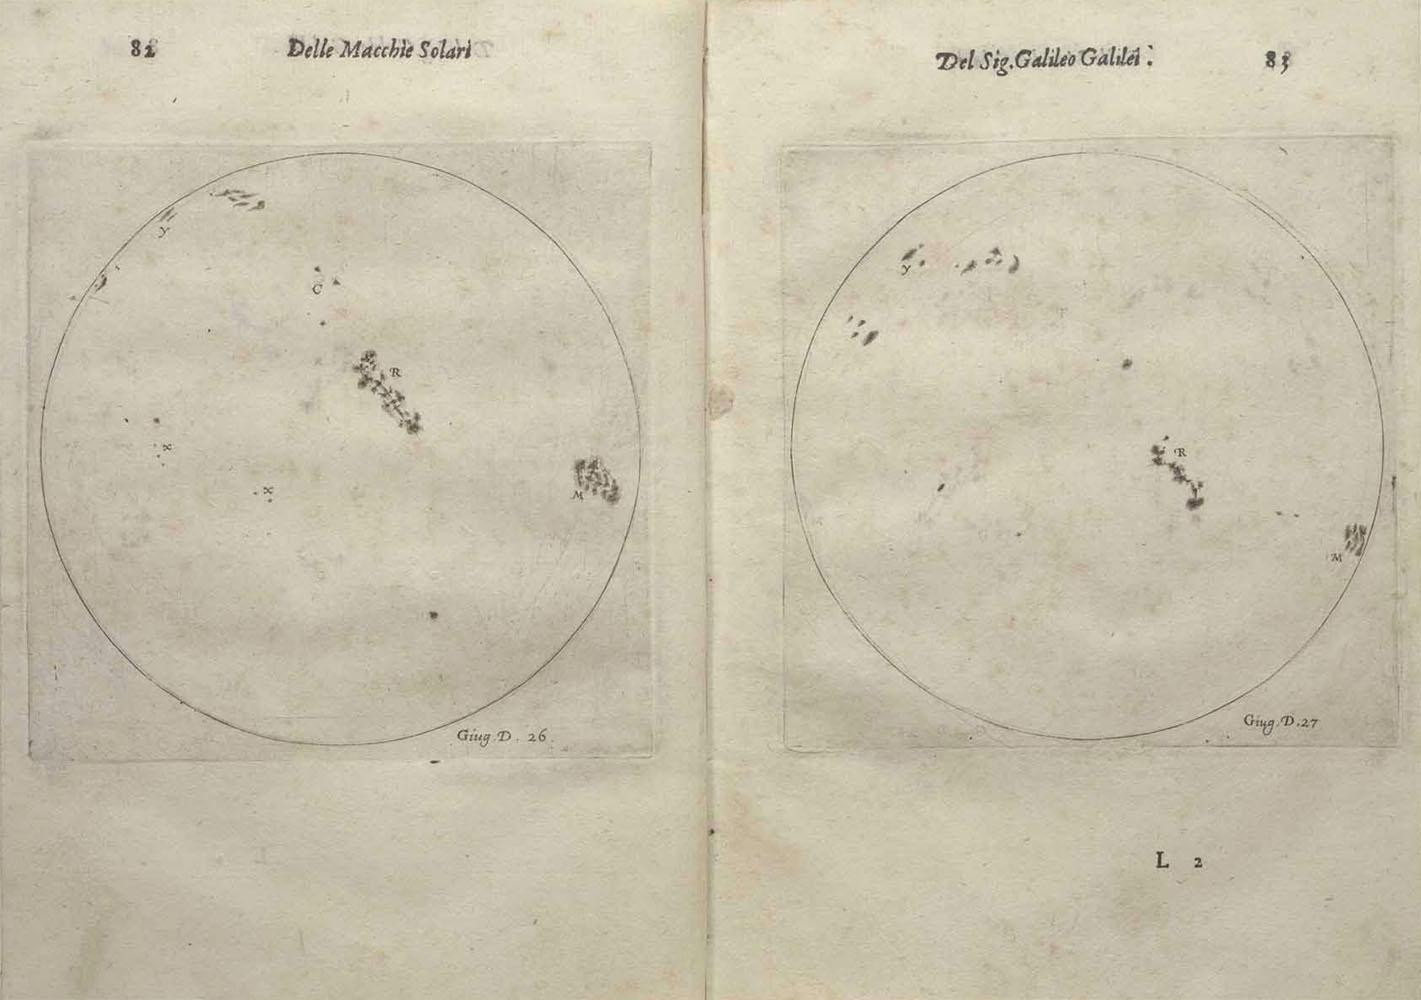 Galileovi crteži Sunca od 26. i 27. lipnja 1613. godine.